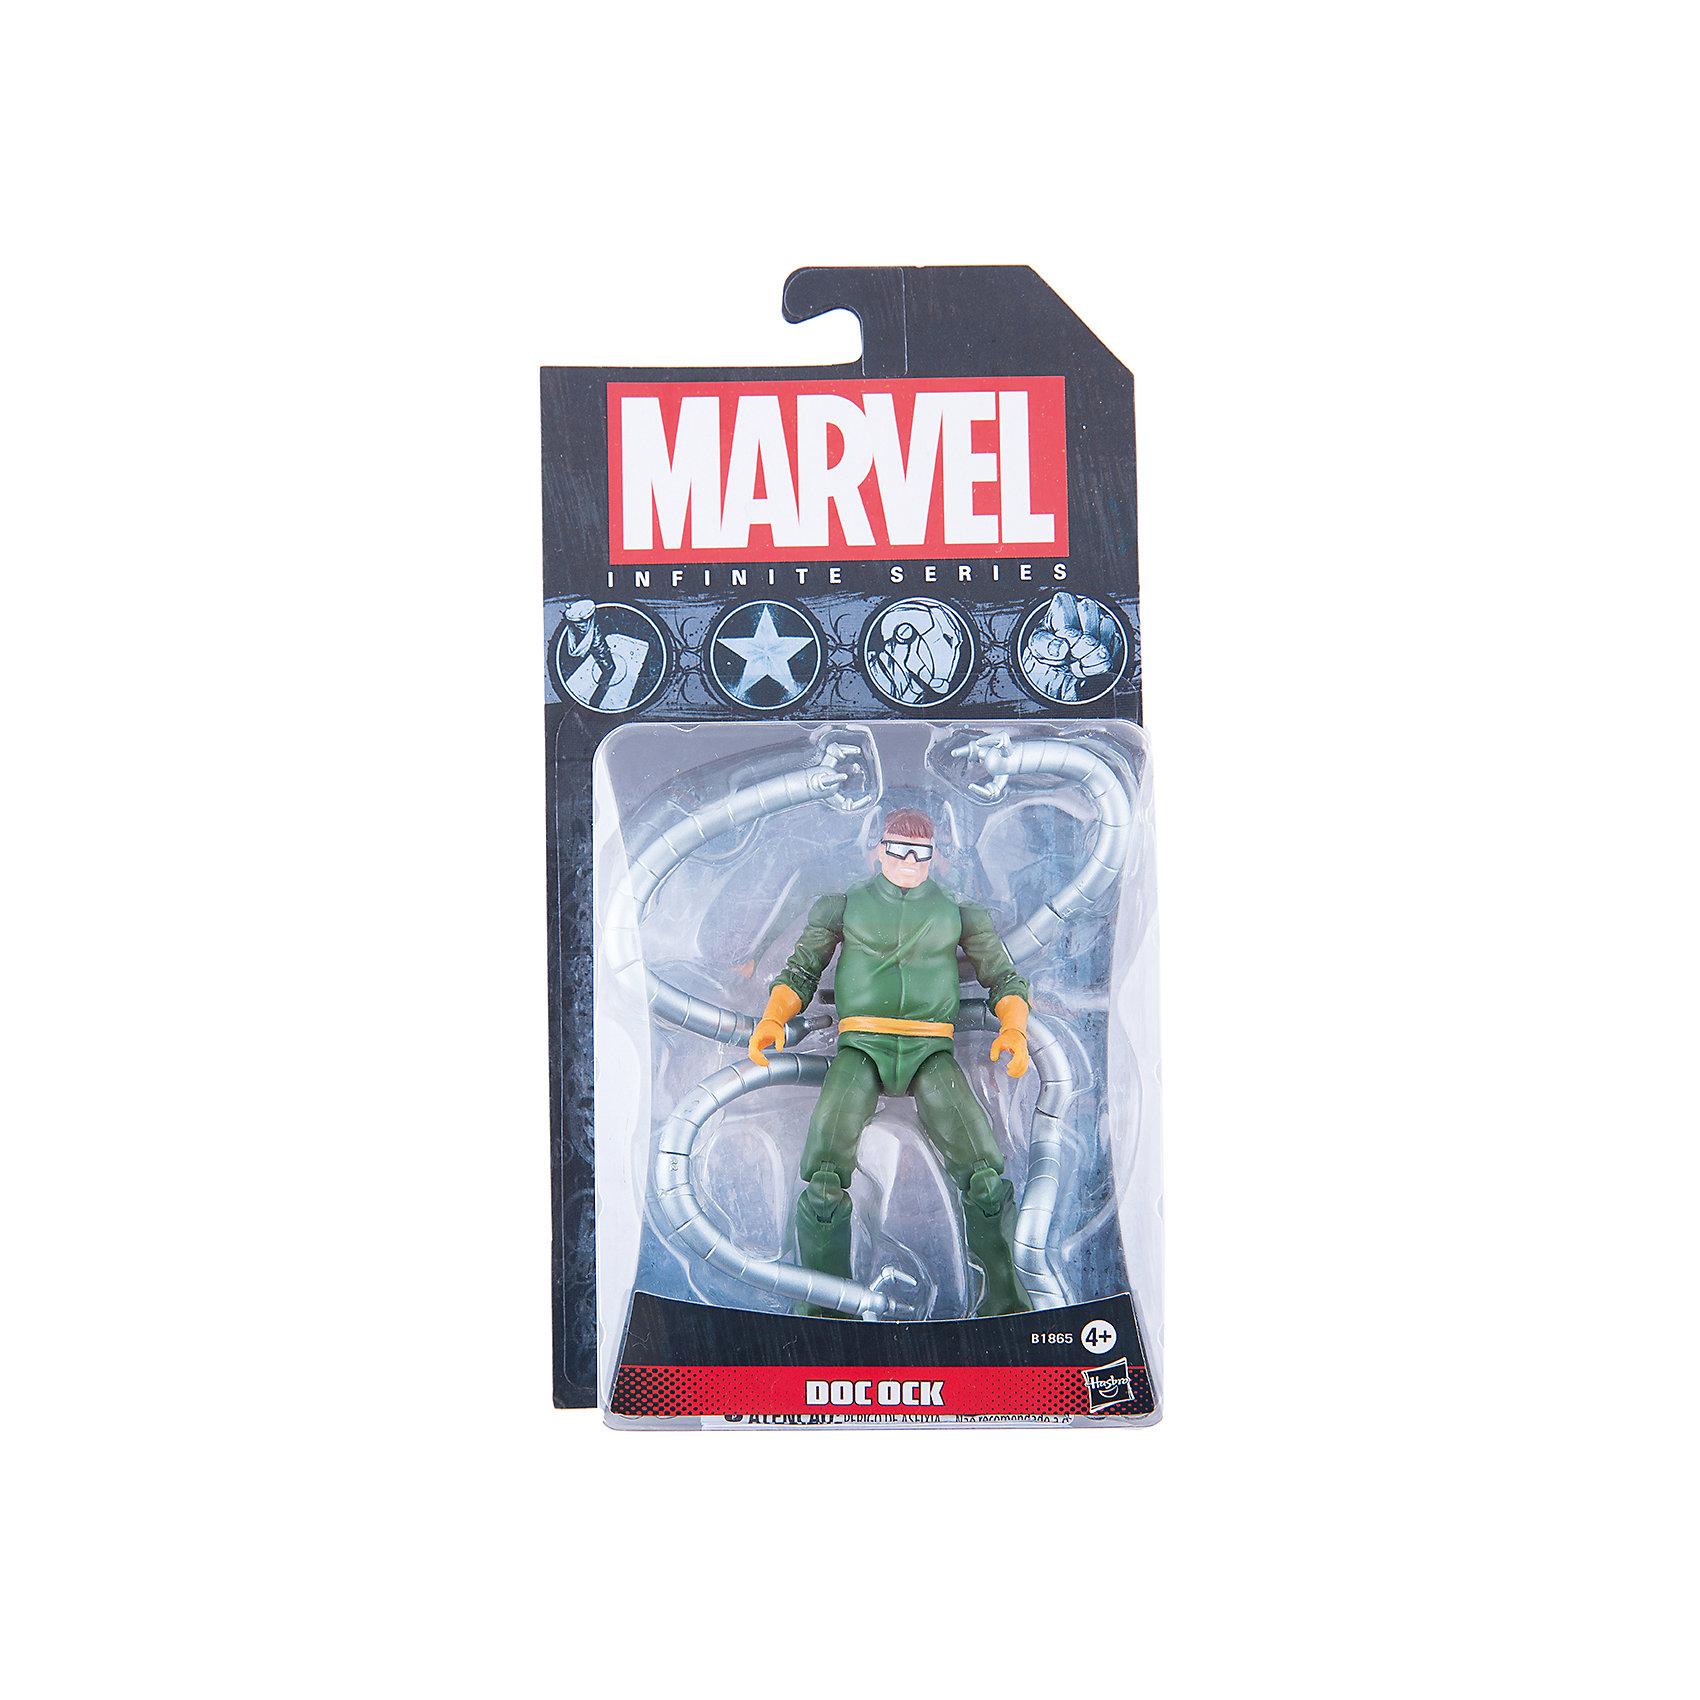 Коллекционная фигурка Марвел 9,5 см, Marvel Heroes, B1865/A6749Фигурка Доктора Октавиуса, заклятого врага Человека-Паука, обязательно понравится всем поклонникам Marvel. Фигурка прекрасно детализирована, обладает подвижными конечностями и щупальцами, что позволяет ей принимать разнообразные позы, открывая еще большие возможности для различных игровых сюжетов. Игрушка изготовлена из высококачественного пластика, с применением безопасных, экологичных красителей. <br><br>Дополнительная информация:<br><br>- Материал: пластик.<br>- Размер фигурки: 9,5 см.<br>- Подвижные конечности.<br><br>Коллекционную фигурку Марвел 9,5 см, Marvel Heroes, можно купить в нашем магазине.<br><br>Ширина мм: 51<br>Глубина мм: 121<br>Высота мм: 229<br>Вес г: 150<br>Возраст от месяцев: 48<br>Возраст до месяцев: 192<br>Пол: Мужской<br>Возраст: Детский<br>SKU: 4563961